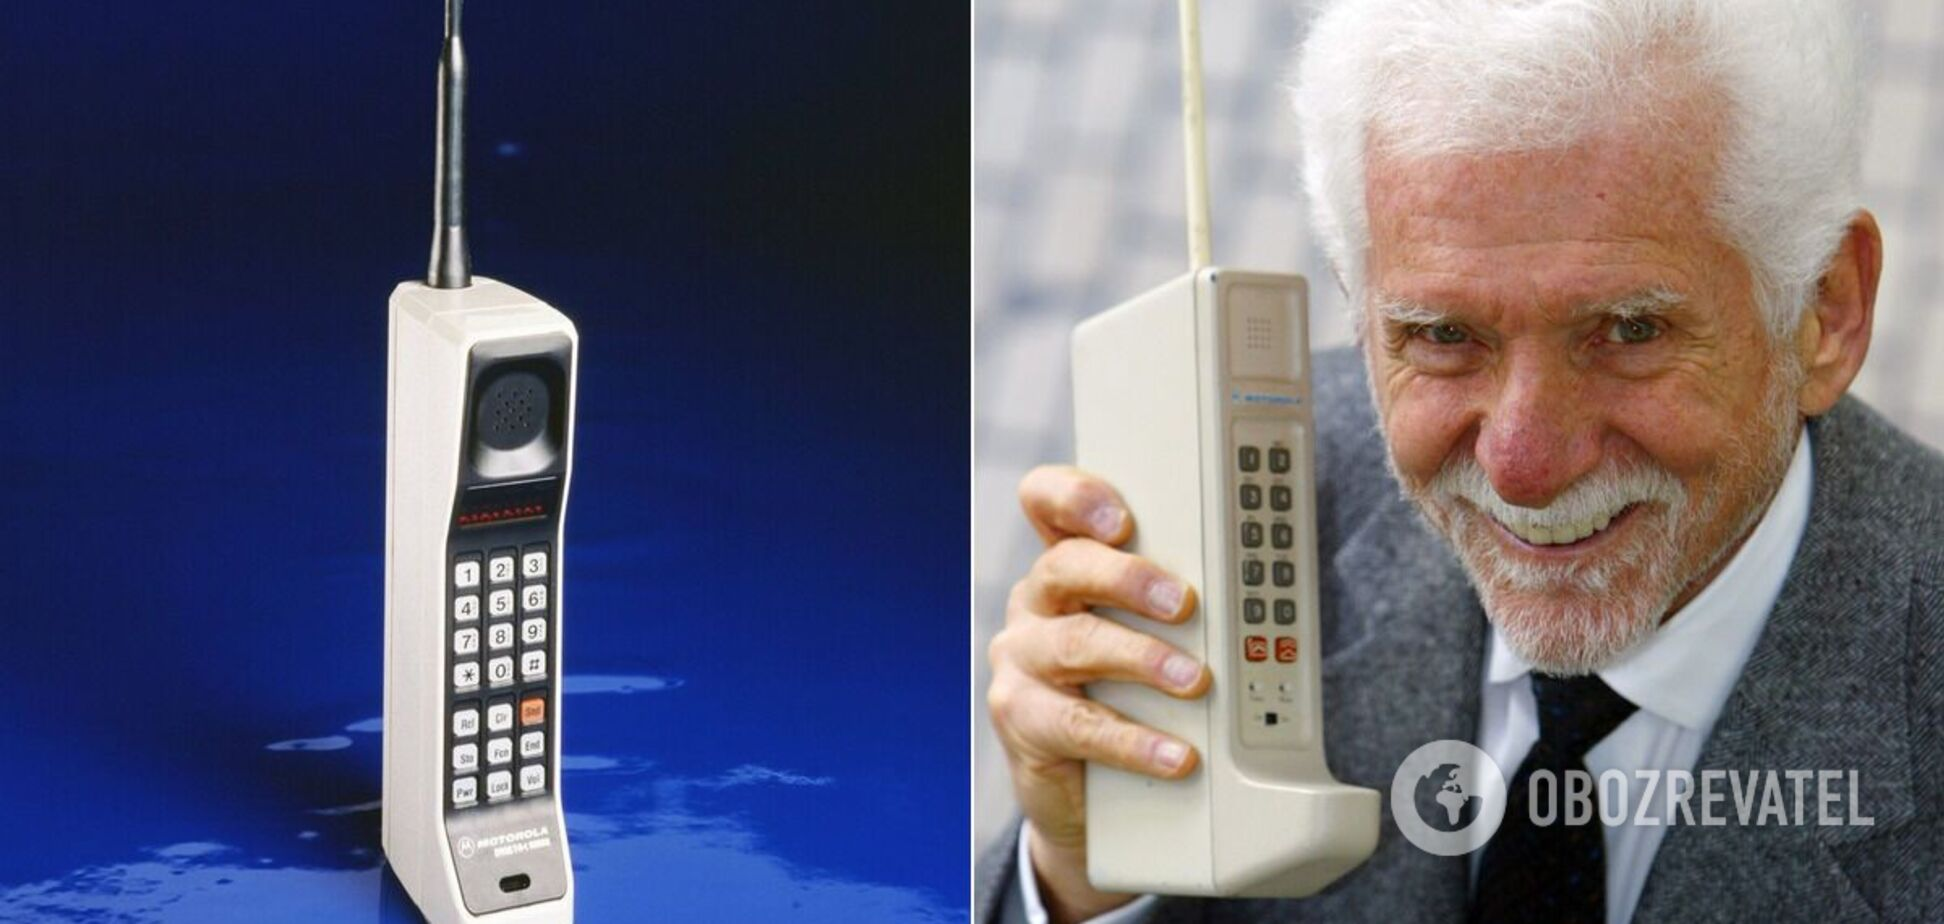 Первый мобильный телефон изобрел сотрудник Motorola Мартин Купер